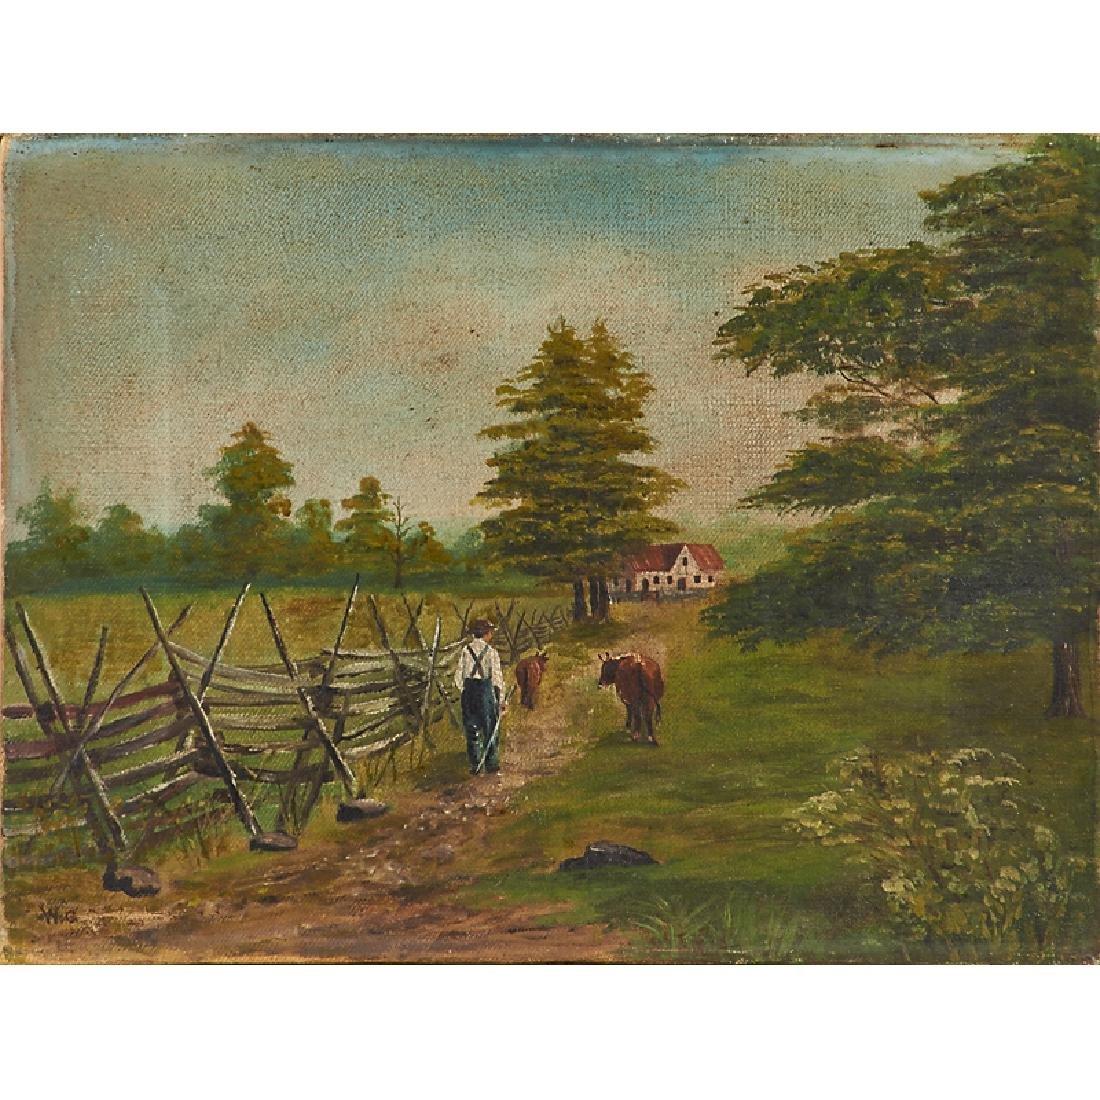 19TH C. FARM SCENE